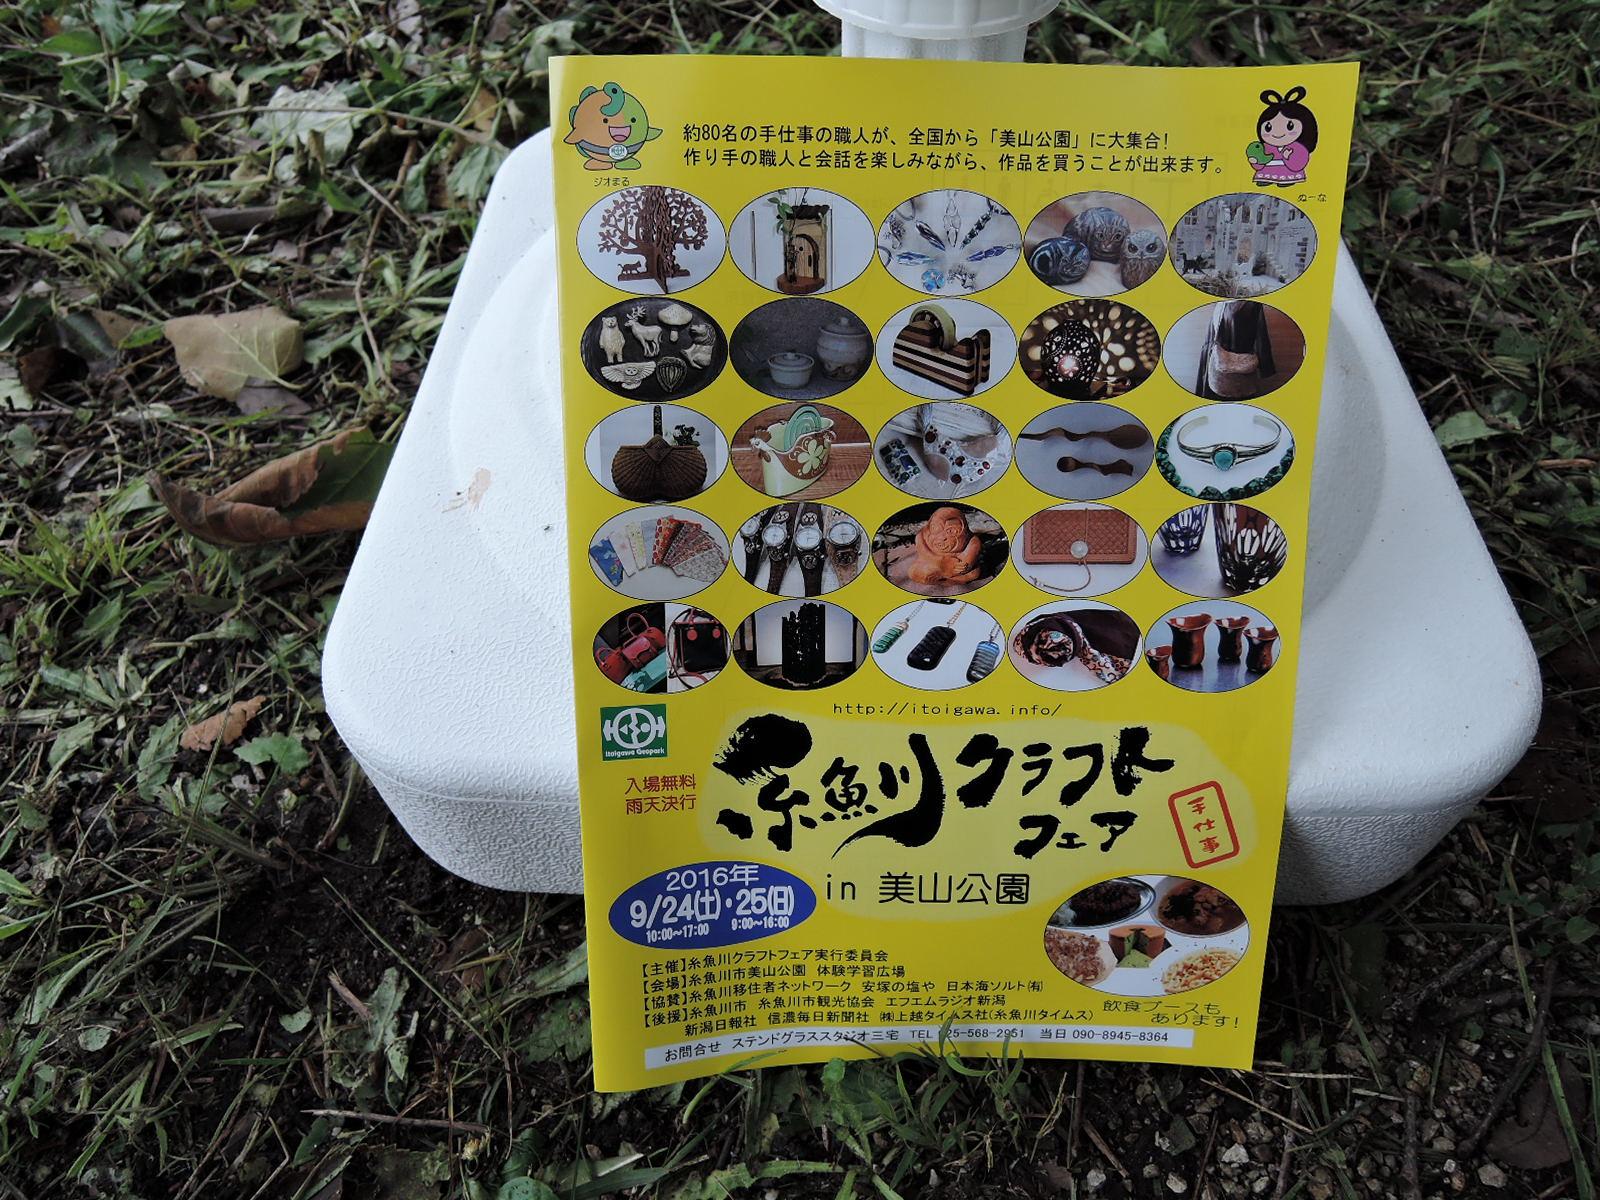 糸魚川クラフトフェアパンフレット